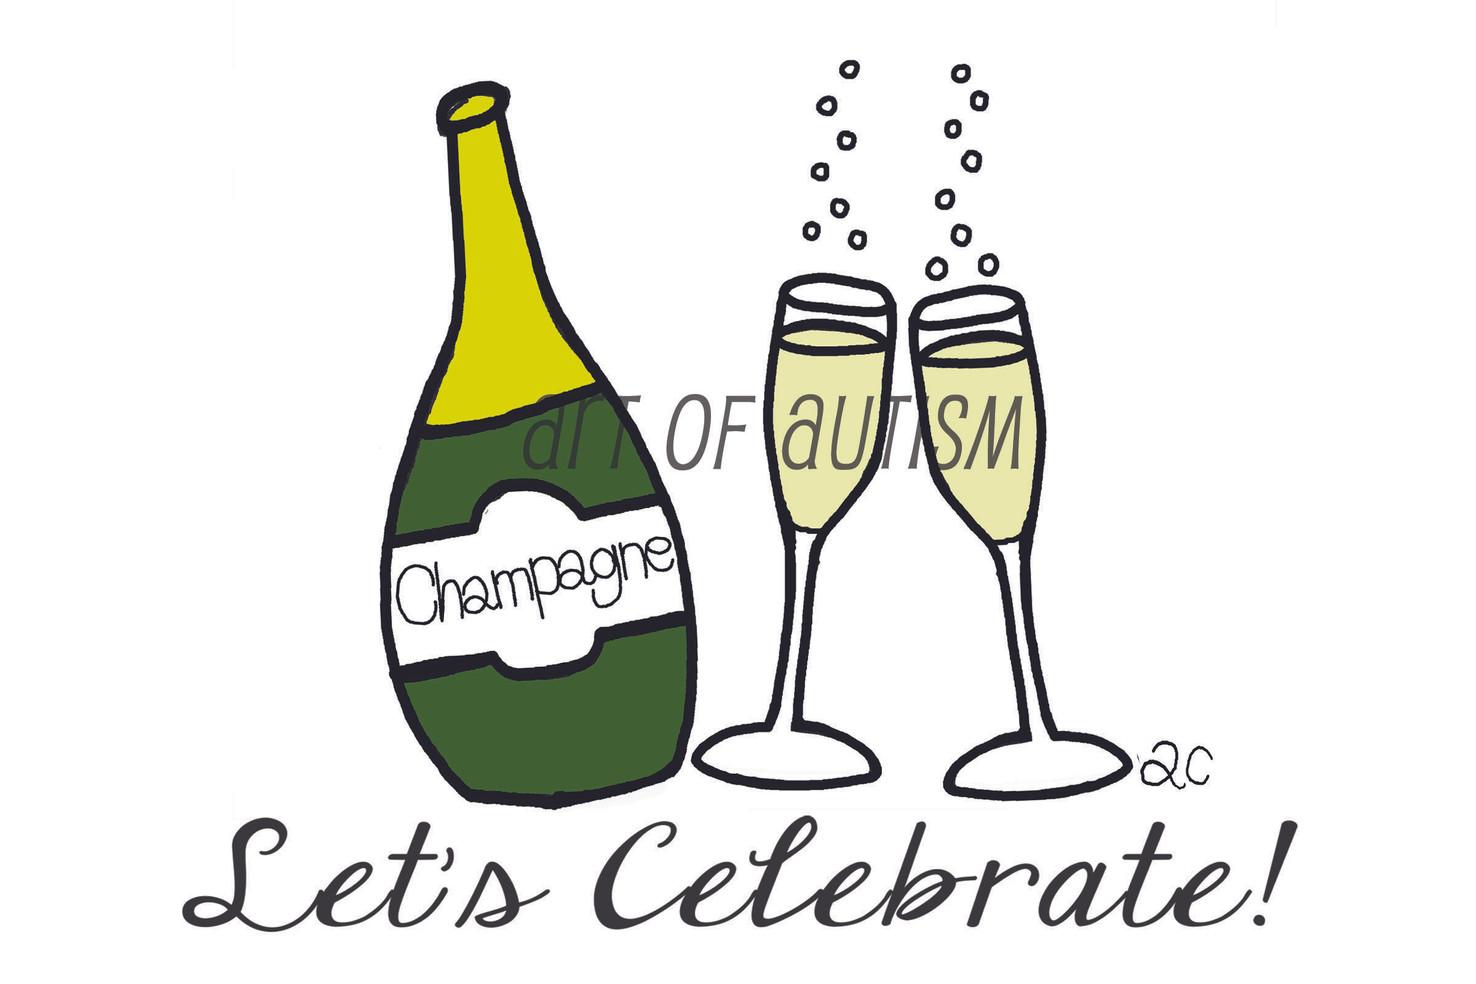 15-017 Let's Celebrate